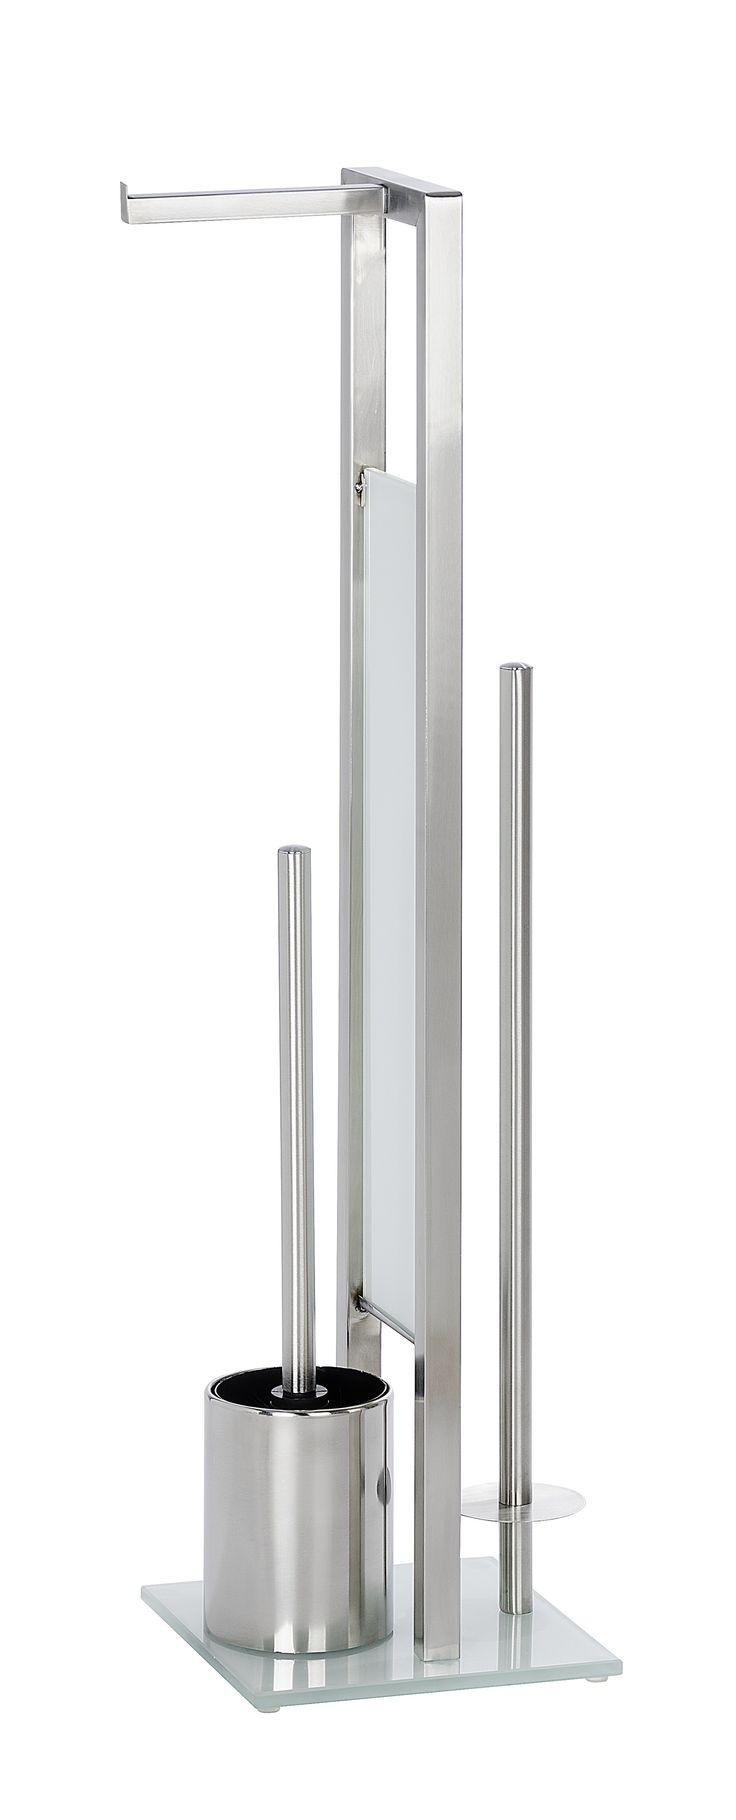 WENKO Stand WC-Garnitur Rivalta Edelstahl rostfrei  Description: Die Stand WC-Garnitur Rivalta aus rostfreiem Edelstahl setzt dekorative Design-Akzente im Badezimmer. Sie ist eine praktische 3 in 1 Kombination bestehend aus einem offenen WC-Bürstenhalter einem offenem Toilettenpapierrollenhalter für die sofortige Entnahme und einem separaten Ersatzrollenhalter für die Aufbewahrung von bis zu 3 weiteren Rollen. Die schöne weiße Sicherheits-Glasplatte garantiert einen sicheren Stand der…